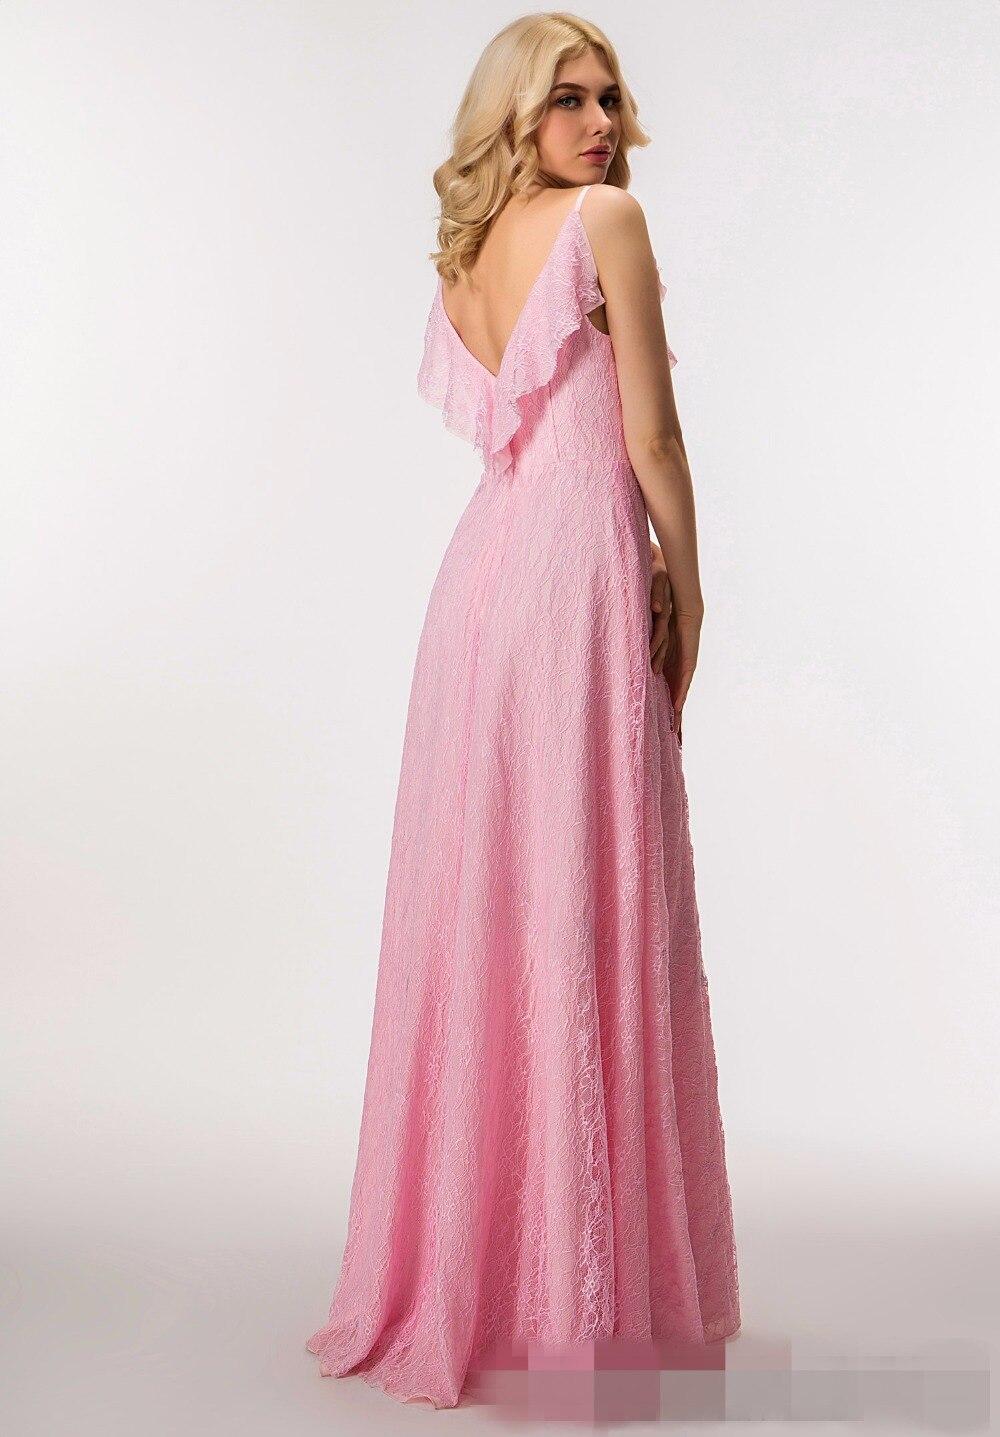 Hermosa Costumbre Vestidos De Damas De Honor Foto - Colección de ...